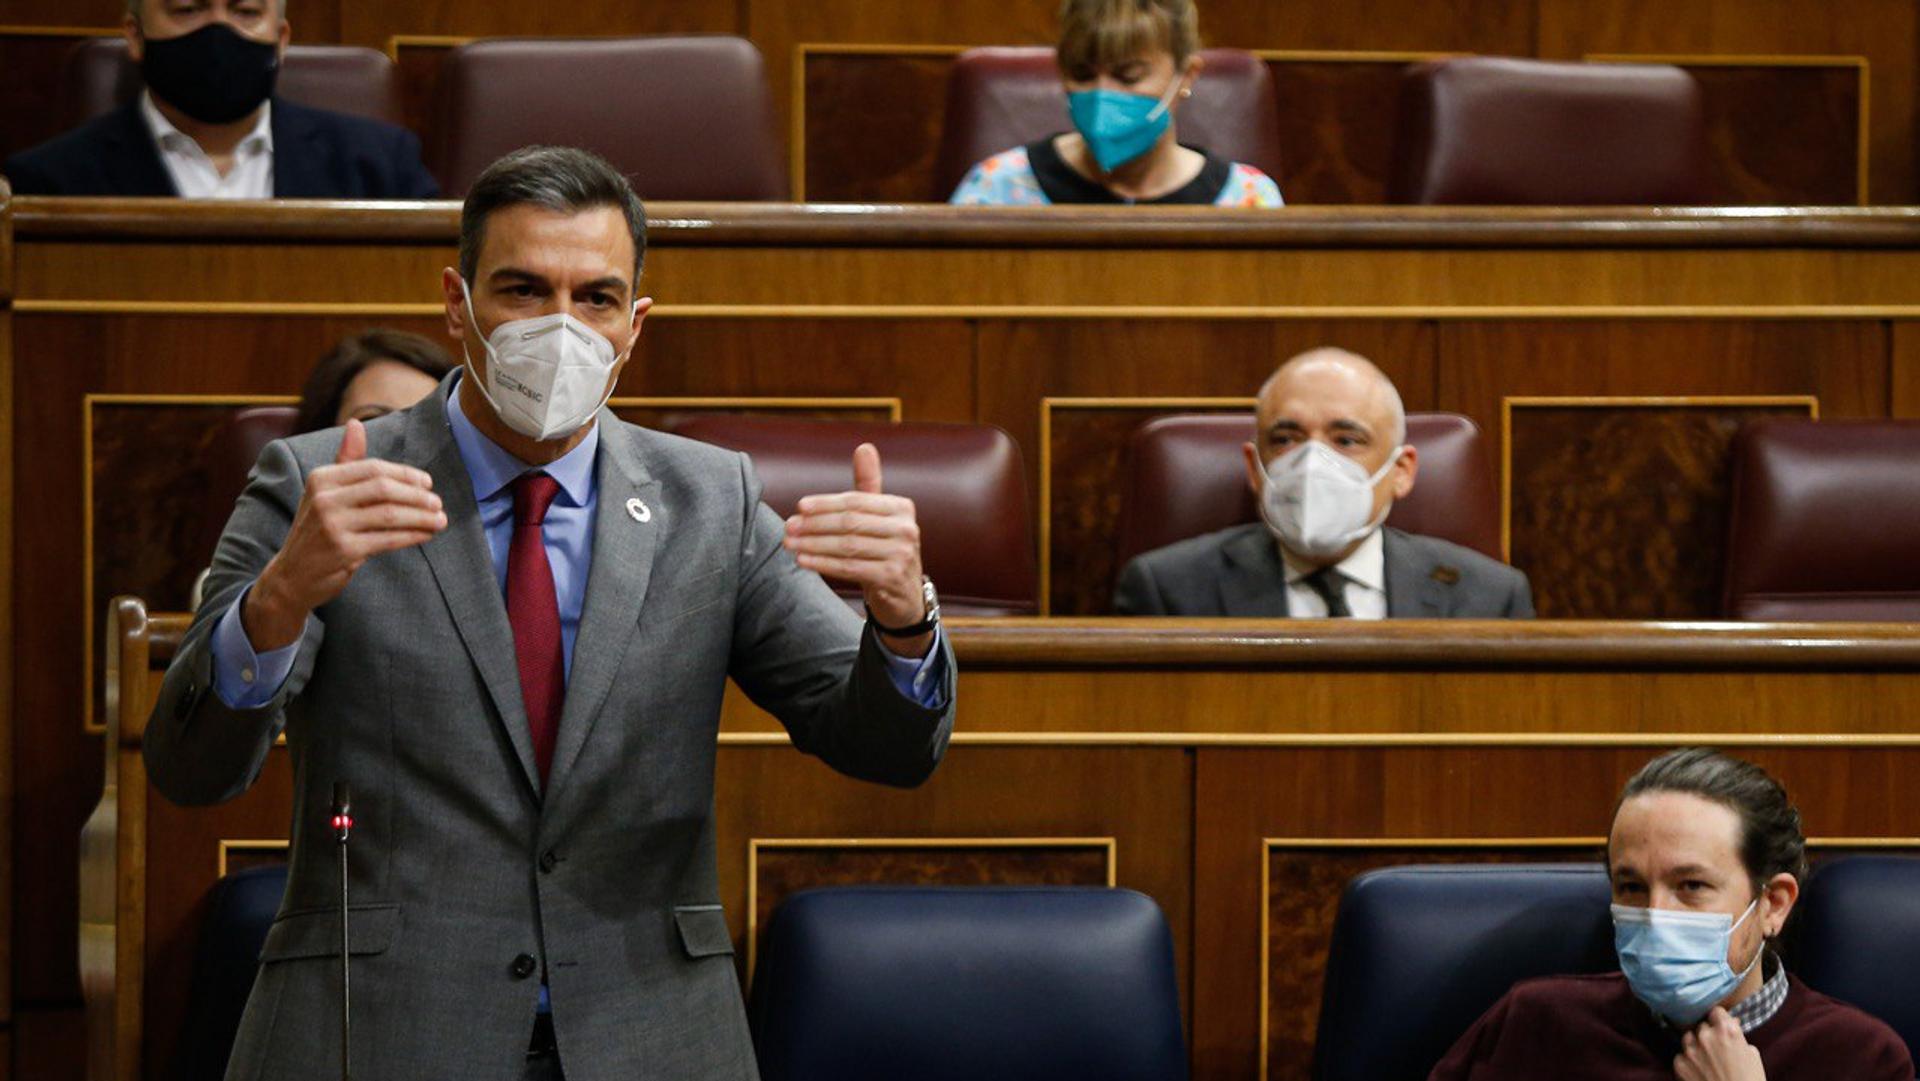 El presidente del Gobierno, Pedro Sánchez, responde a los grupos parlamentarios en la Sesión de Control del Gobierno - Sputnik Mundo, 1920, 24.03.2021